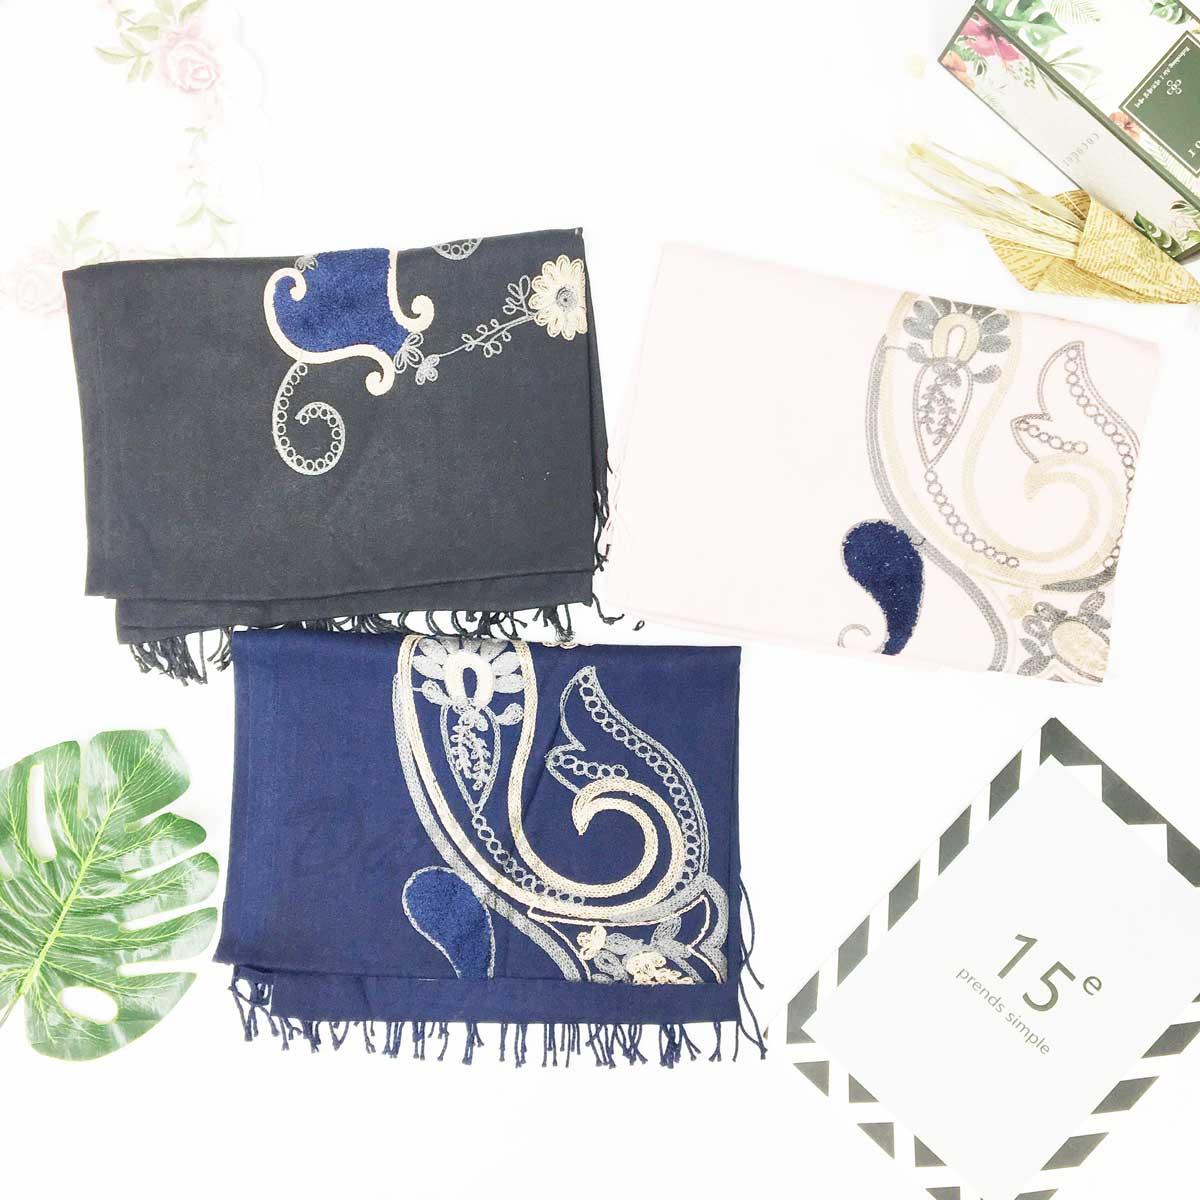 薄圍巾 刺繡 花 花瓶 圖紋 中國風 流蘇 保暖 披肩 圍巾